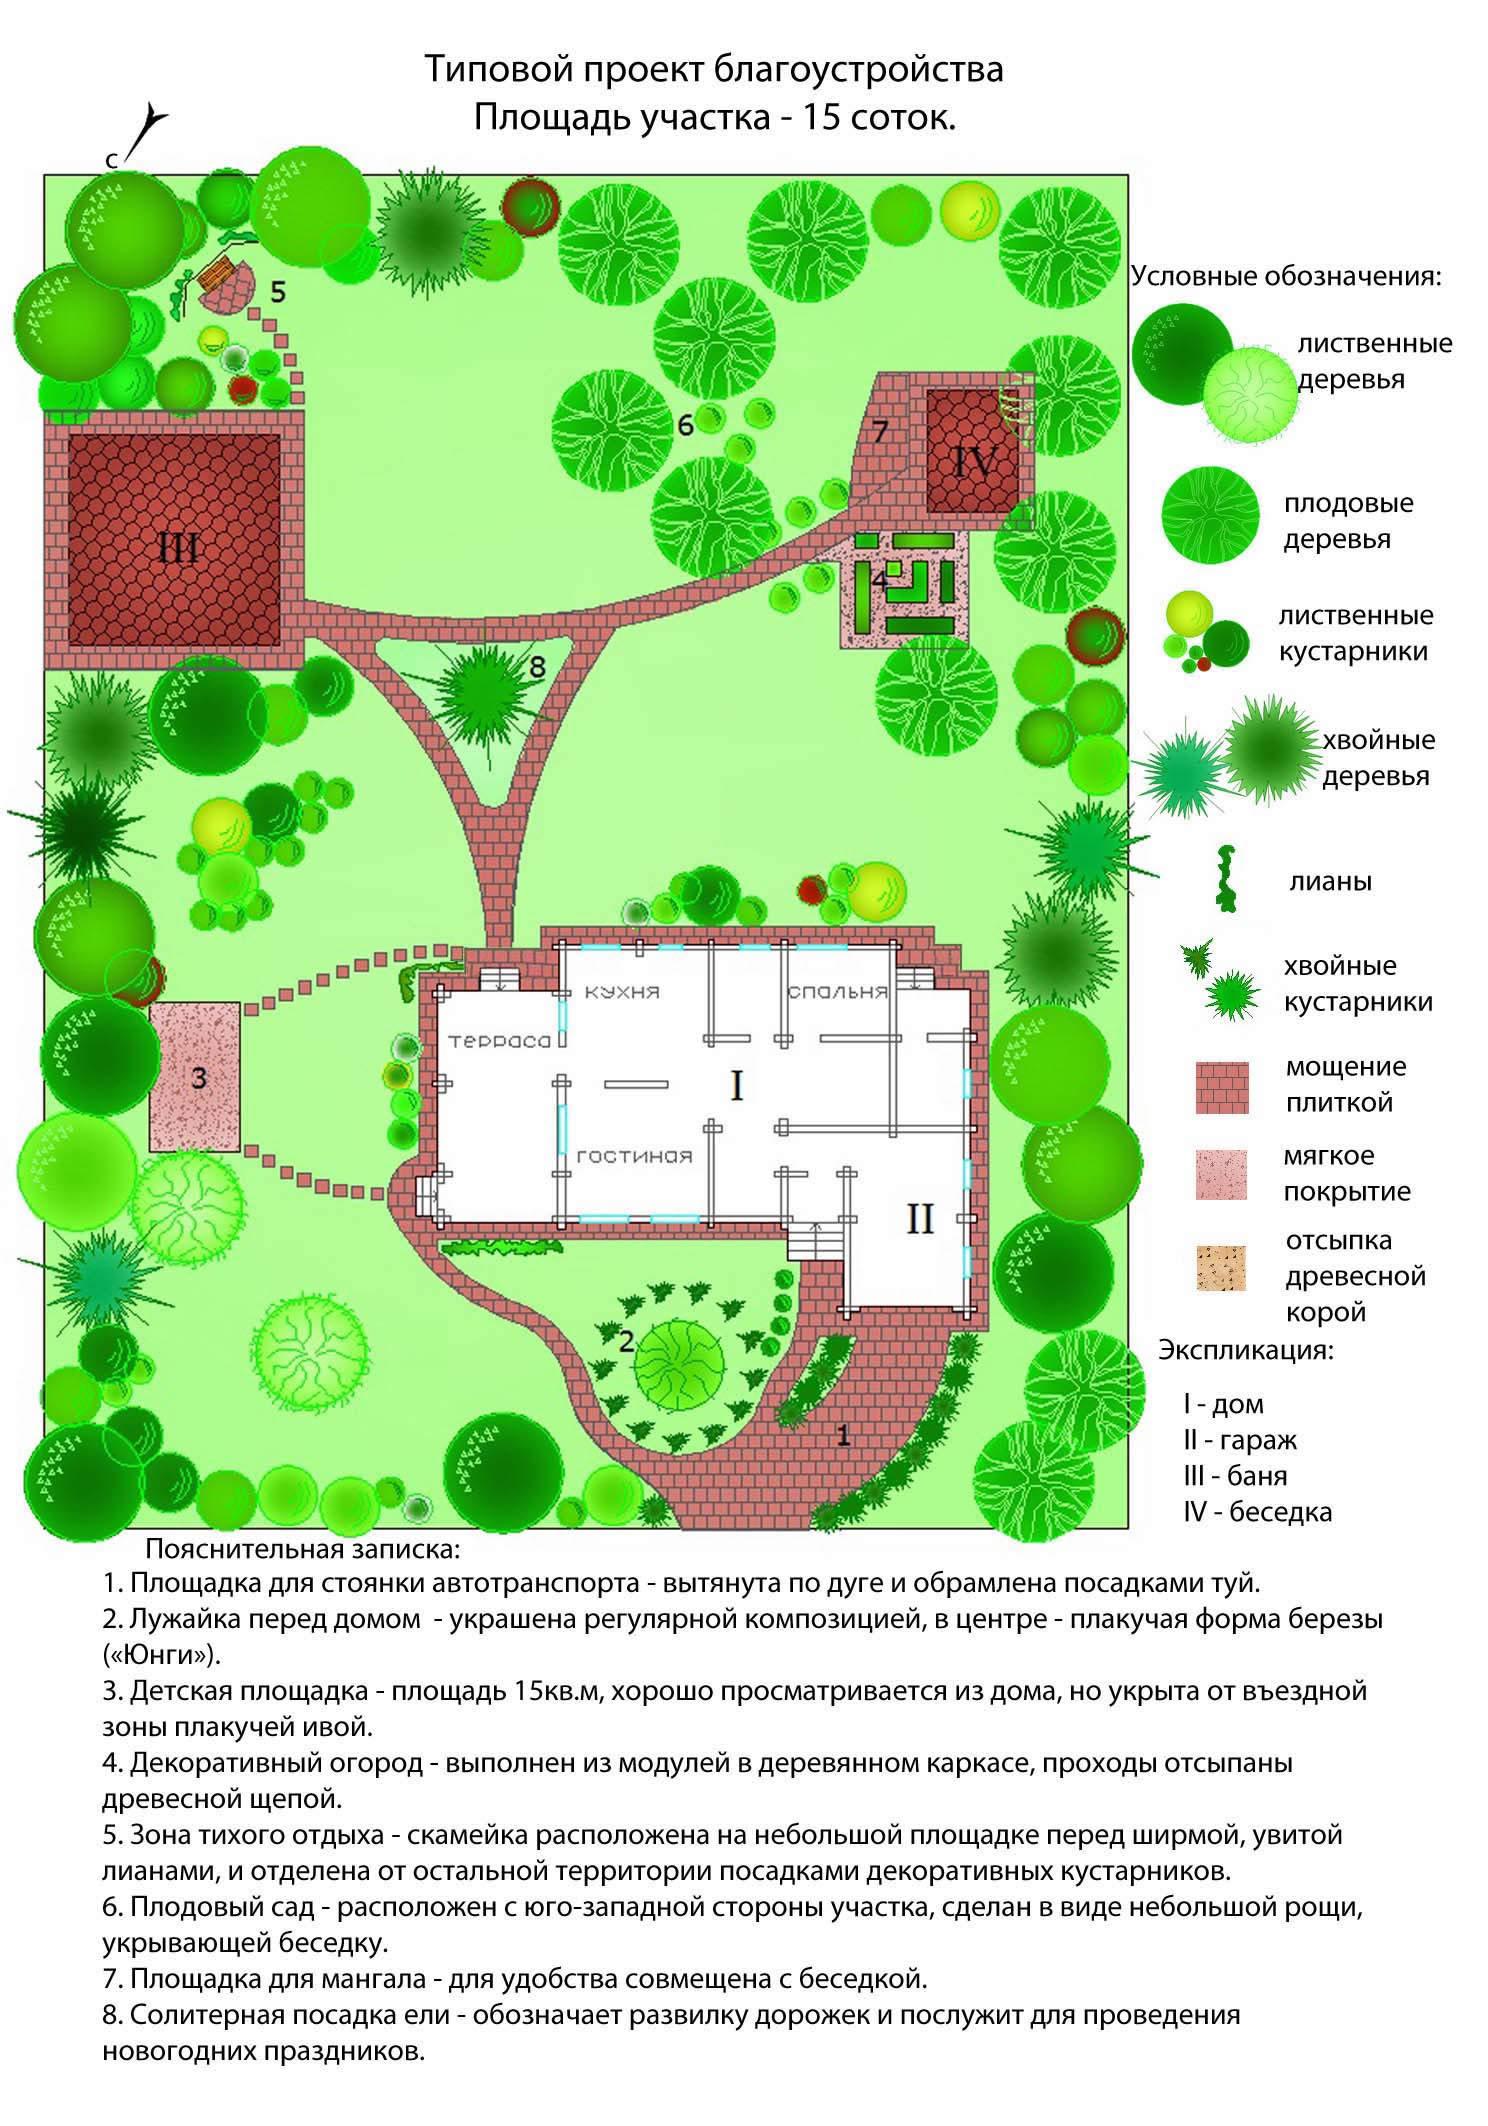 Дизайн и планировка дома